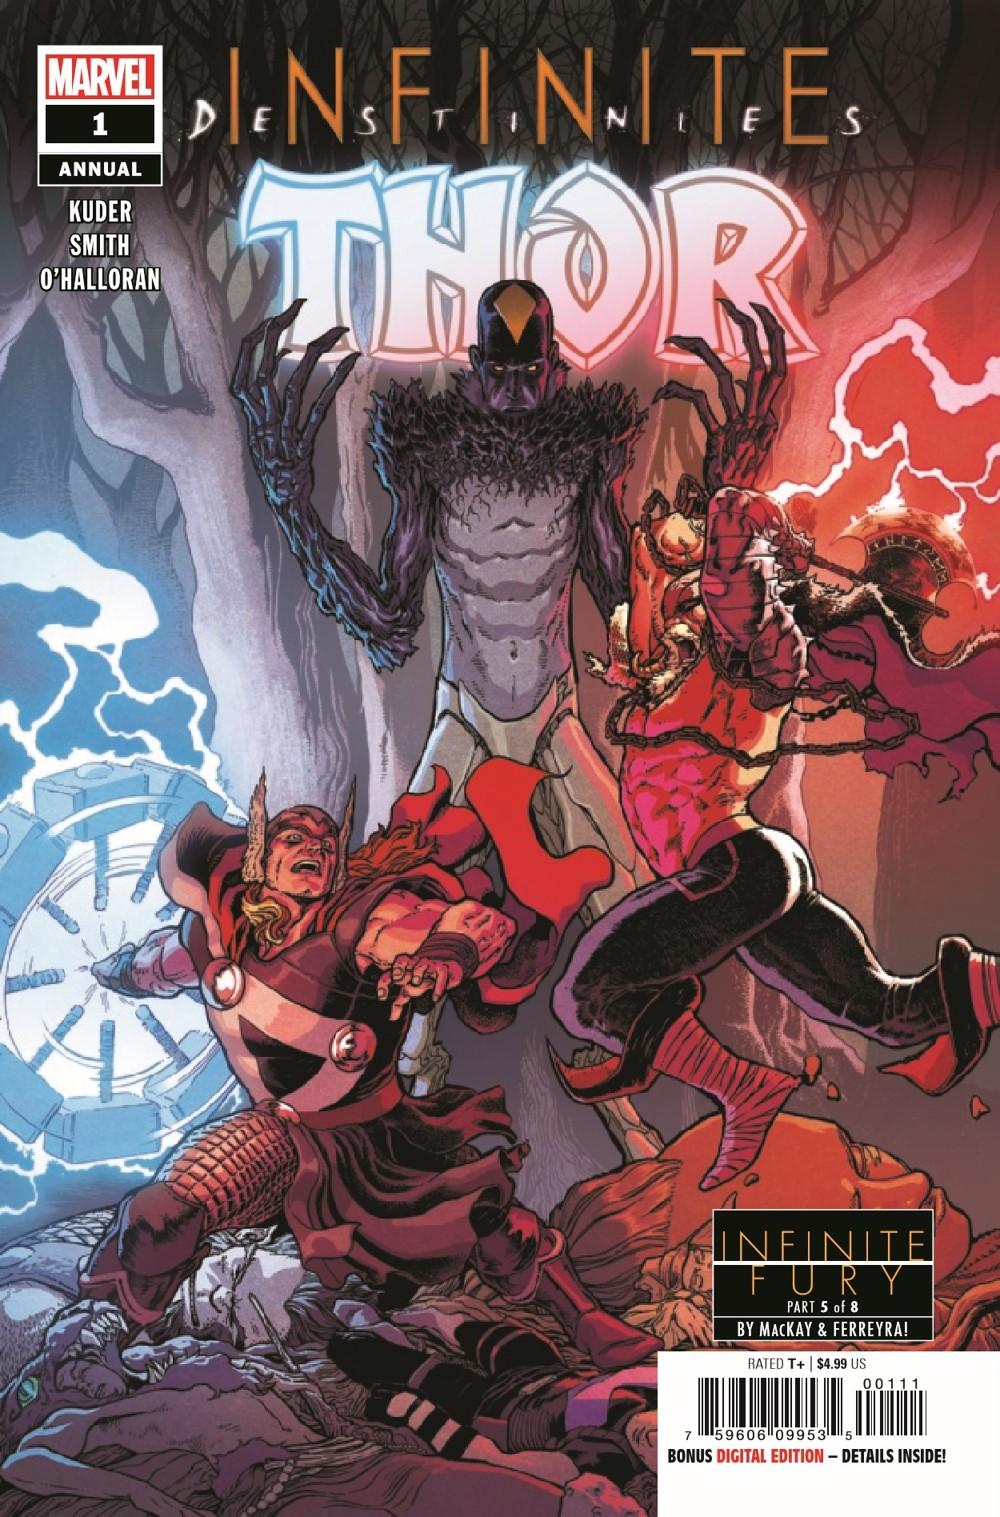 THORANN2021001_Preview-1 ComicList Previews: THOR ANNUAL #1